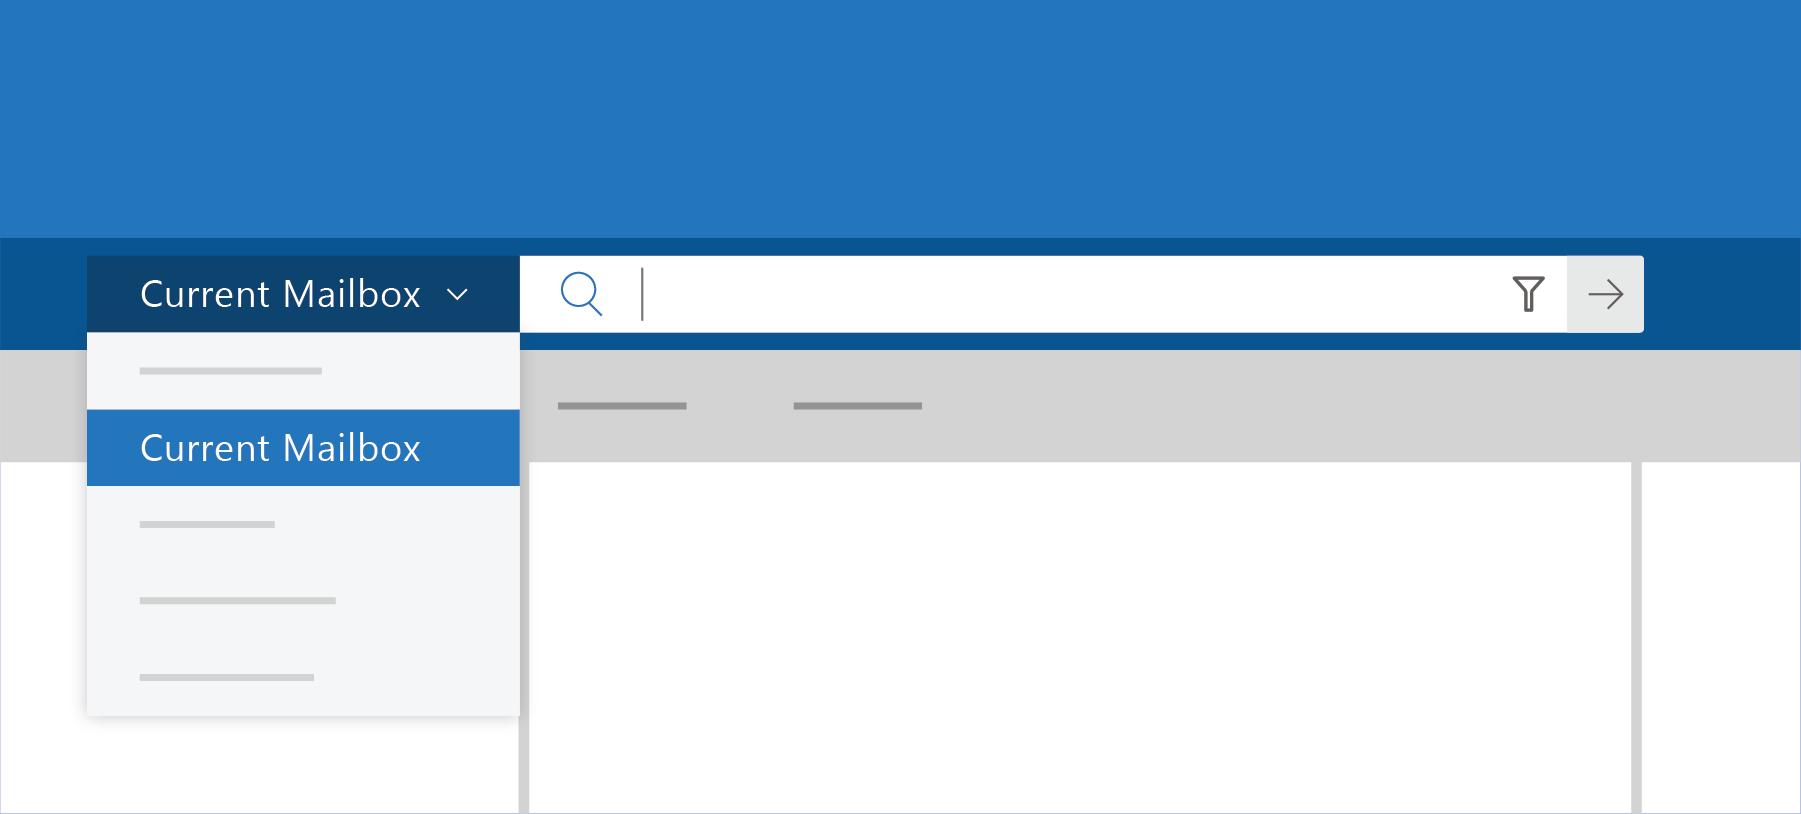 Umożliwia wyświetlenie wyszukiwania w programie Outlook